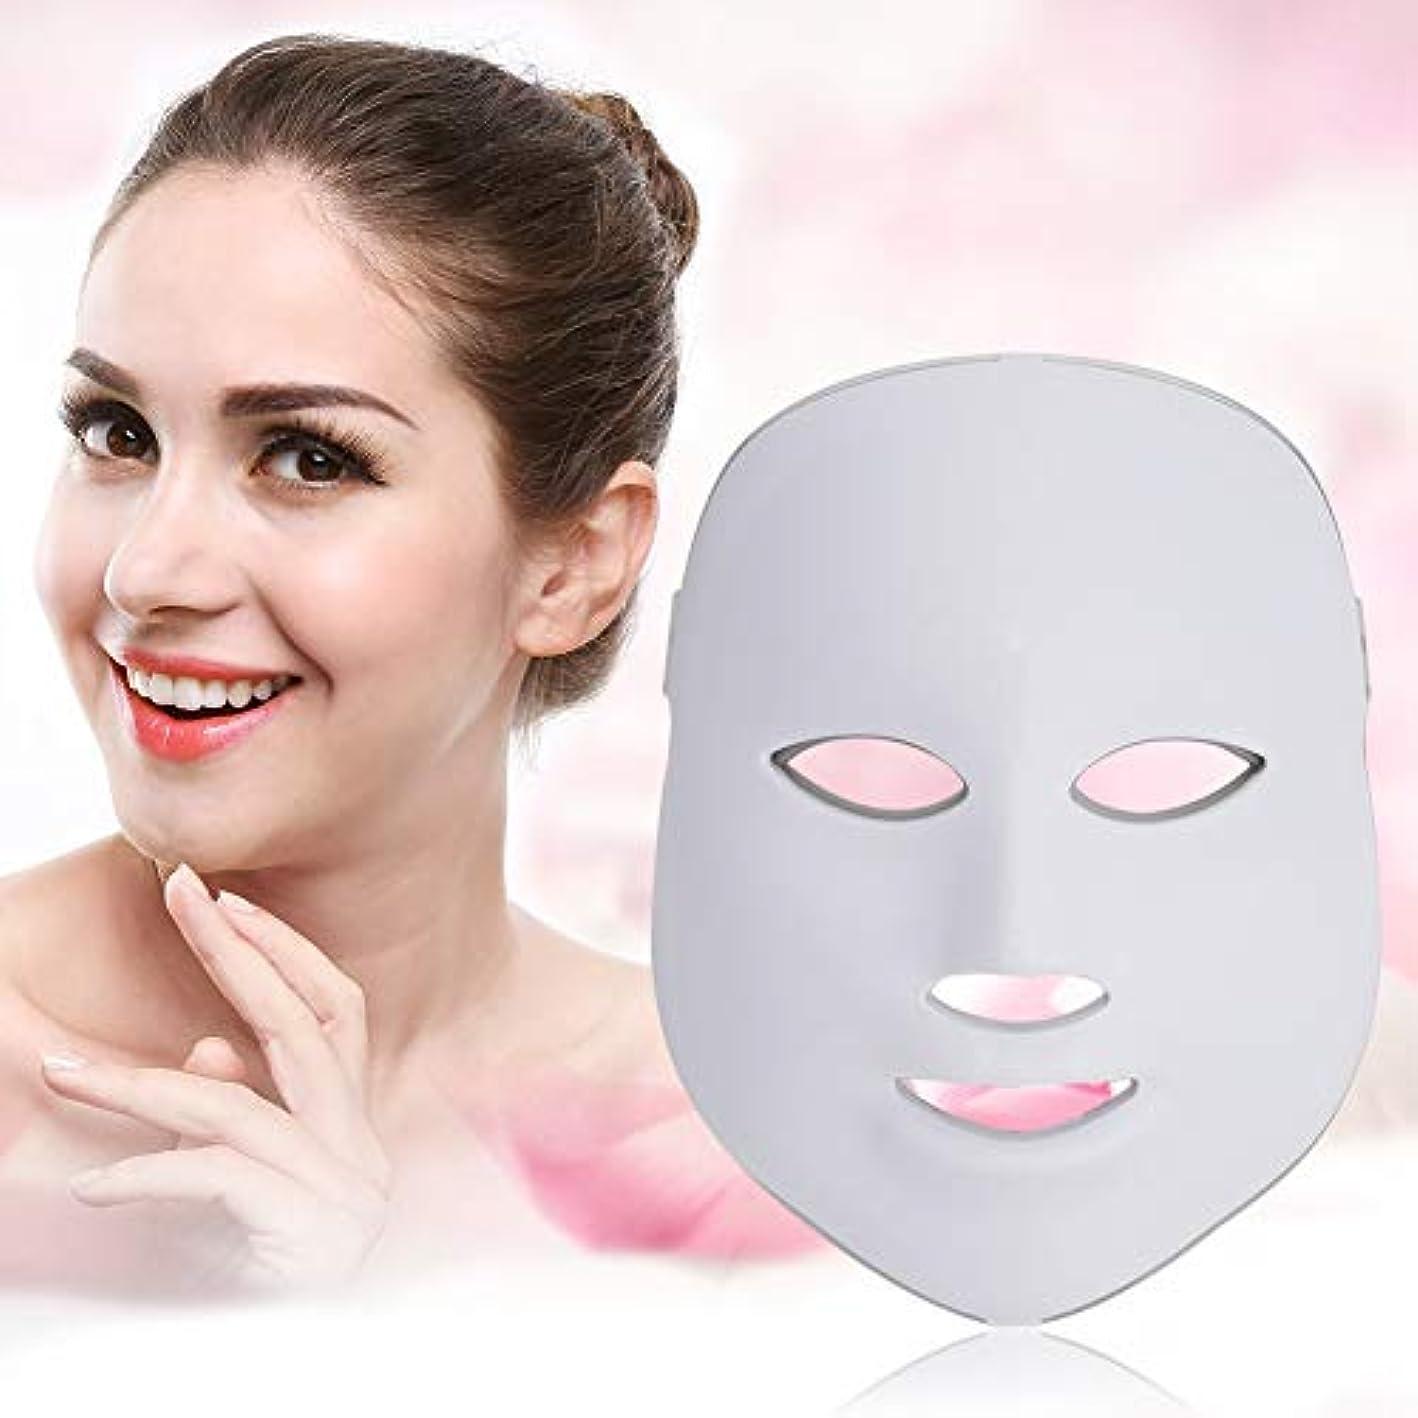 アーチパースブラックボロウメロディー7色Ledフェイスマスク-顔&首光肌若返りスキンケアマスク、しわを改善、引き締め、滑らかな肌(米国のプラグ)